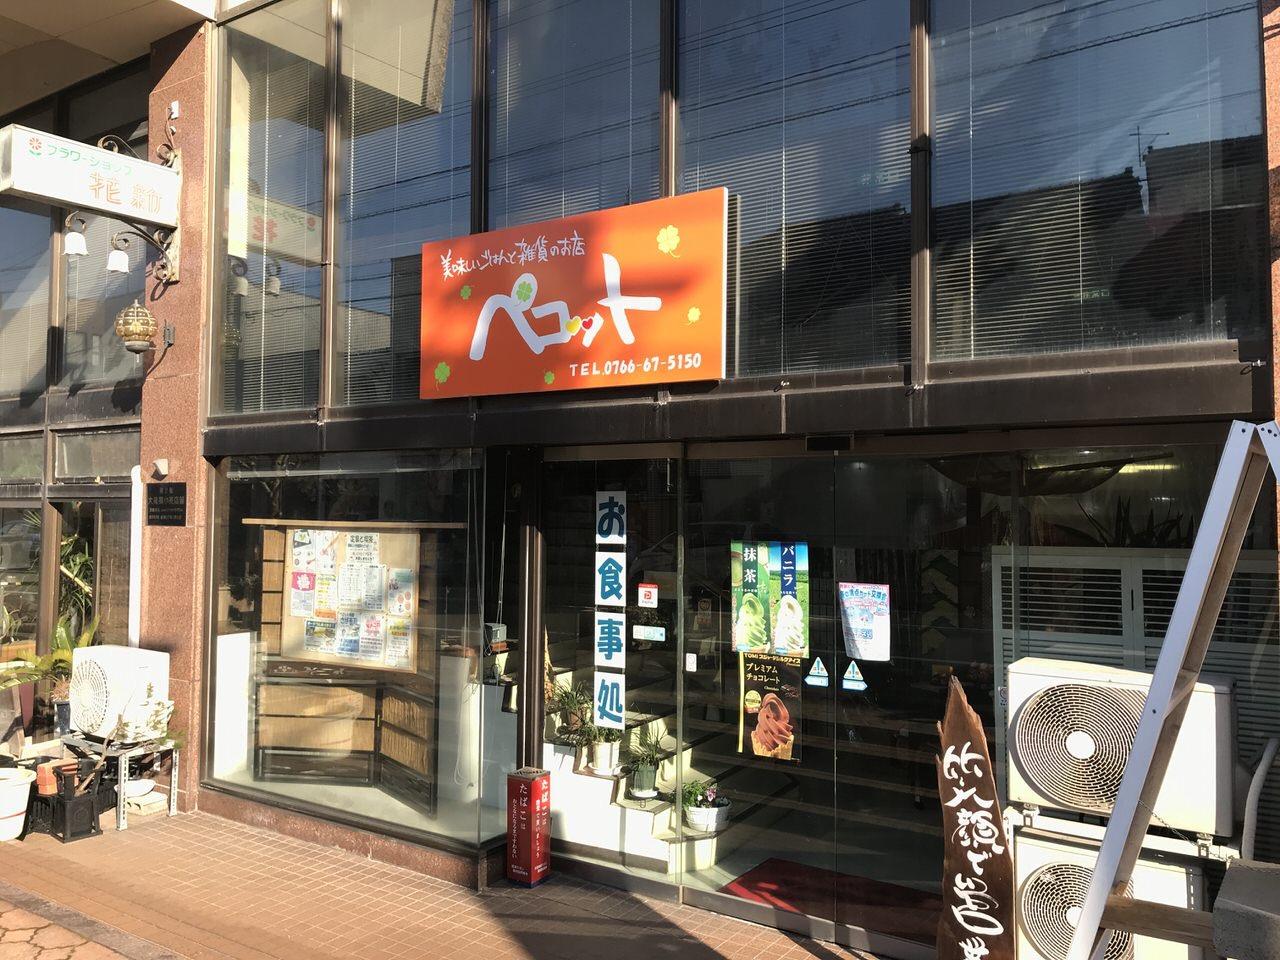 「ペコット」小矢部の新鮮な野菜の定食が食べられる居心地良いカフェ【富山】